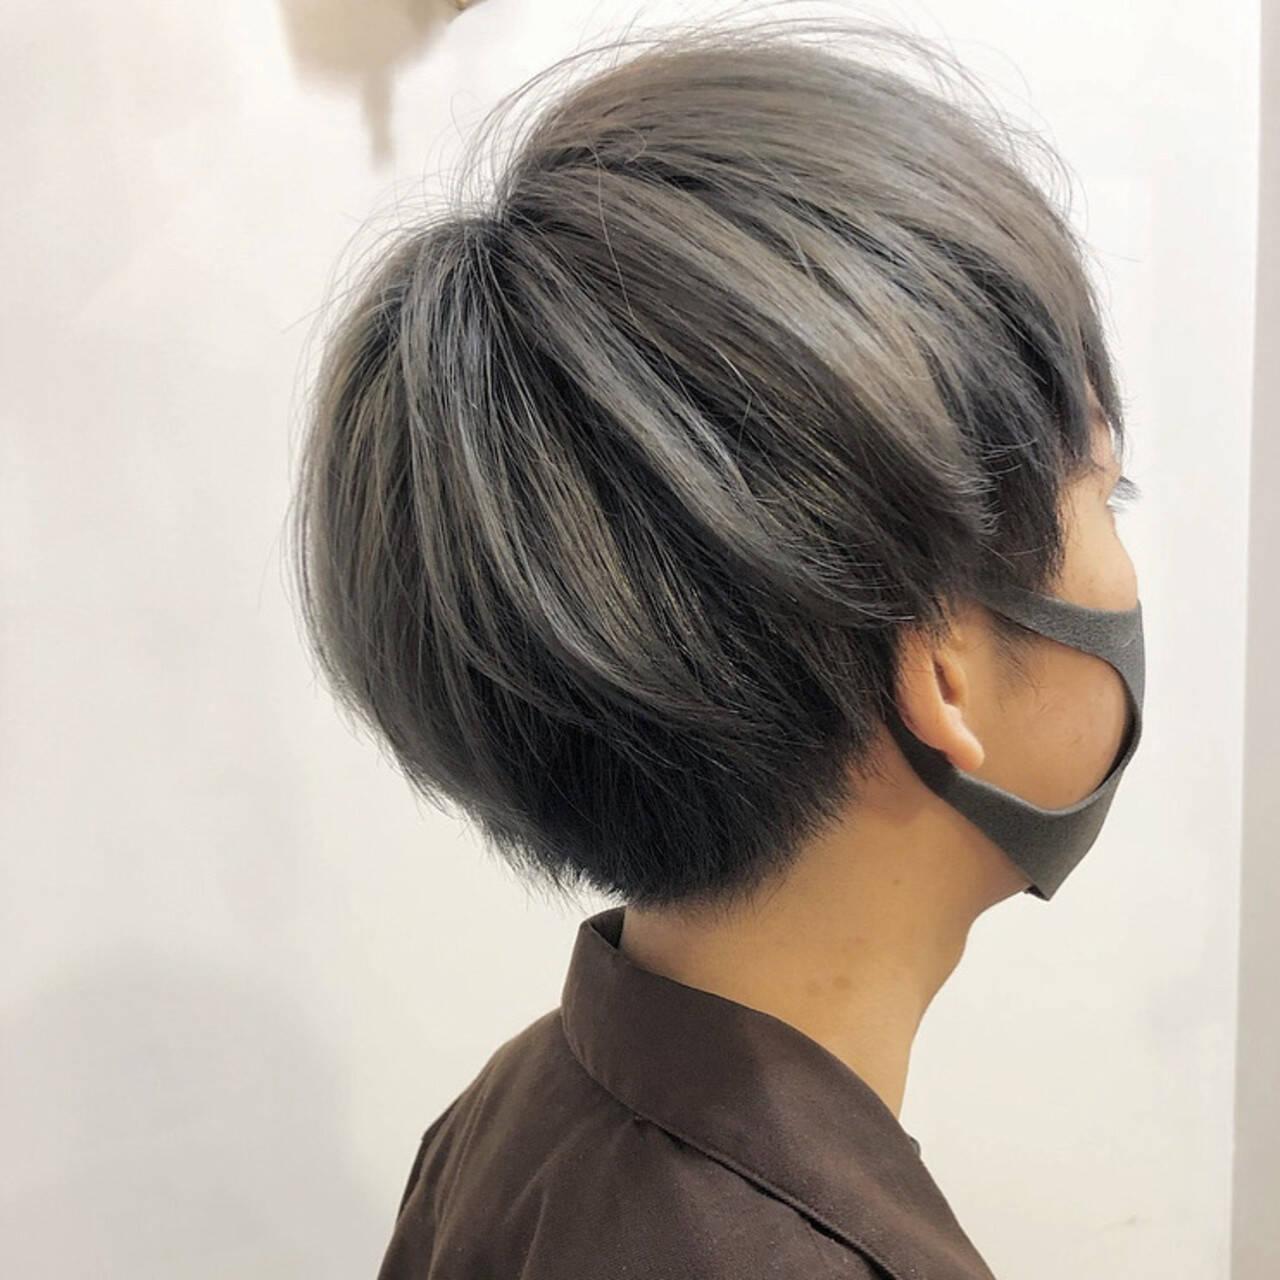 ハイトーン ショート ストリート ハイトーンカラーヘアスタイルや髪型の写真・画像